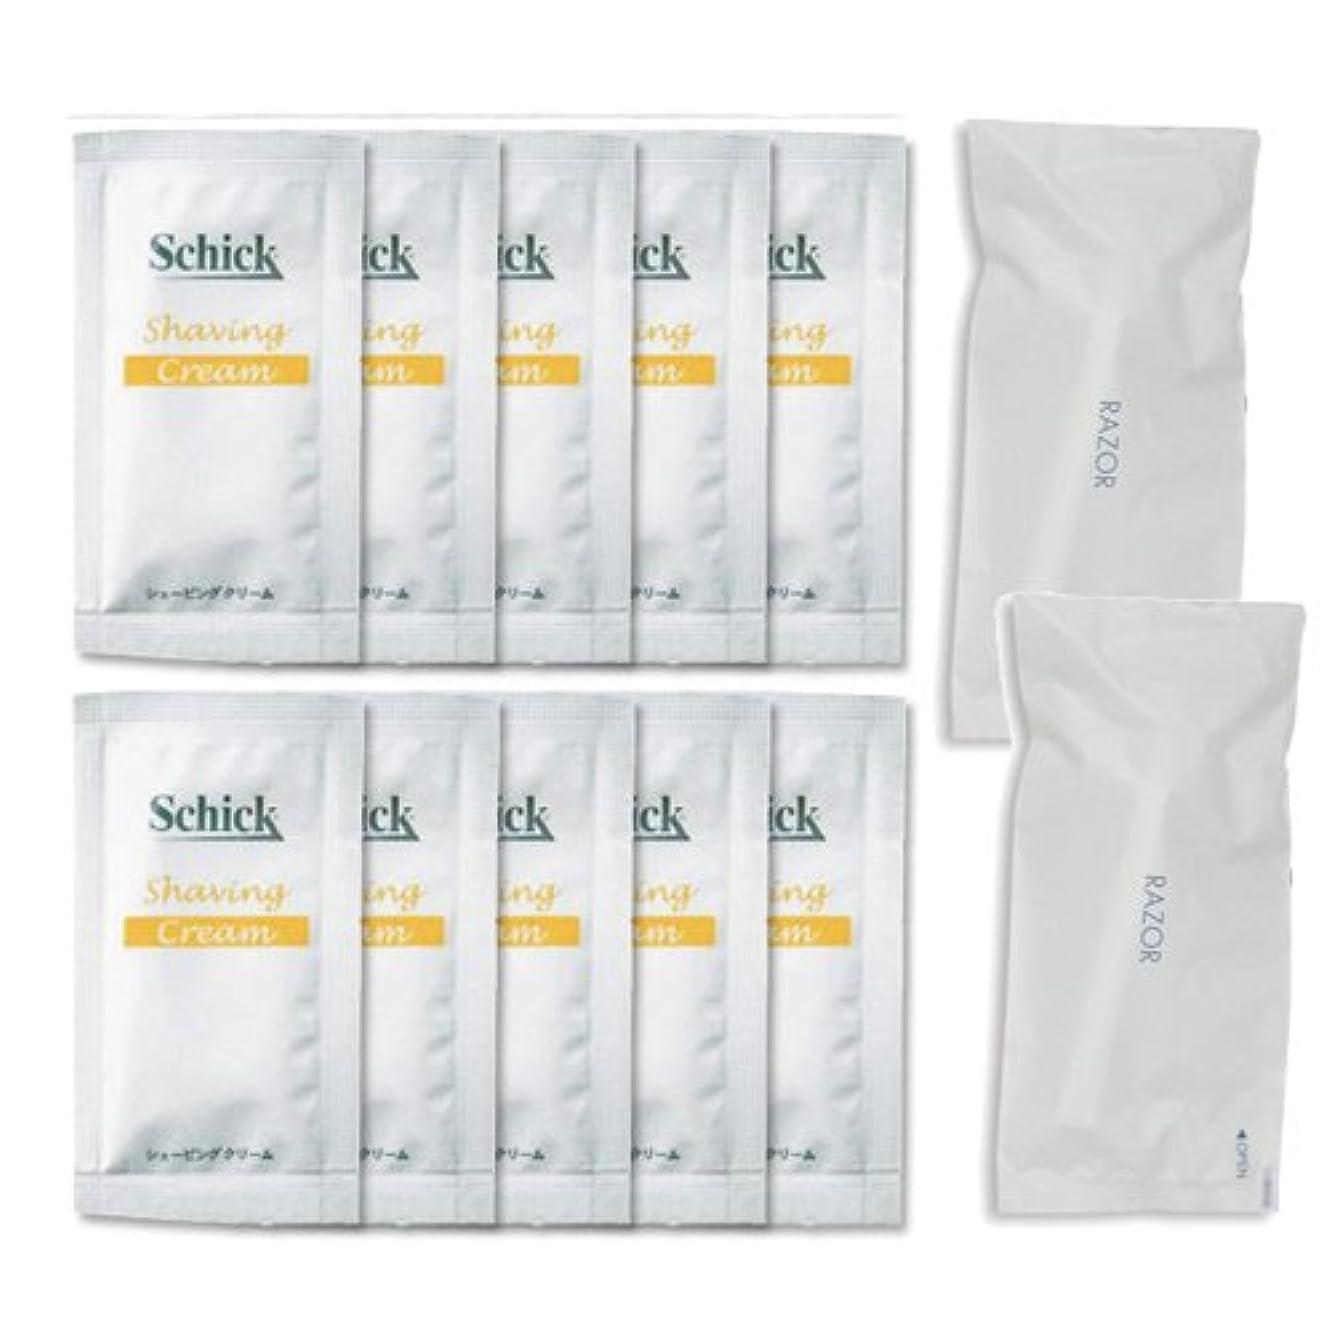 シェルター推測する国民シック シェービングクリーム 3gパウチ 10個 + 個包装カミソリ2個(T字カミソリ)